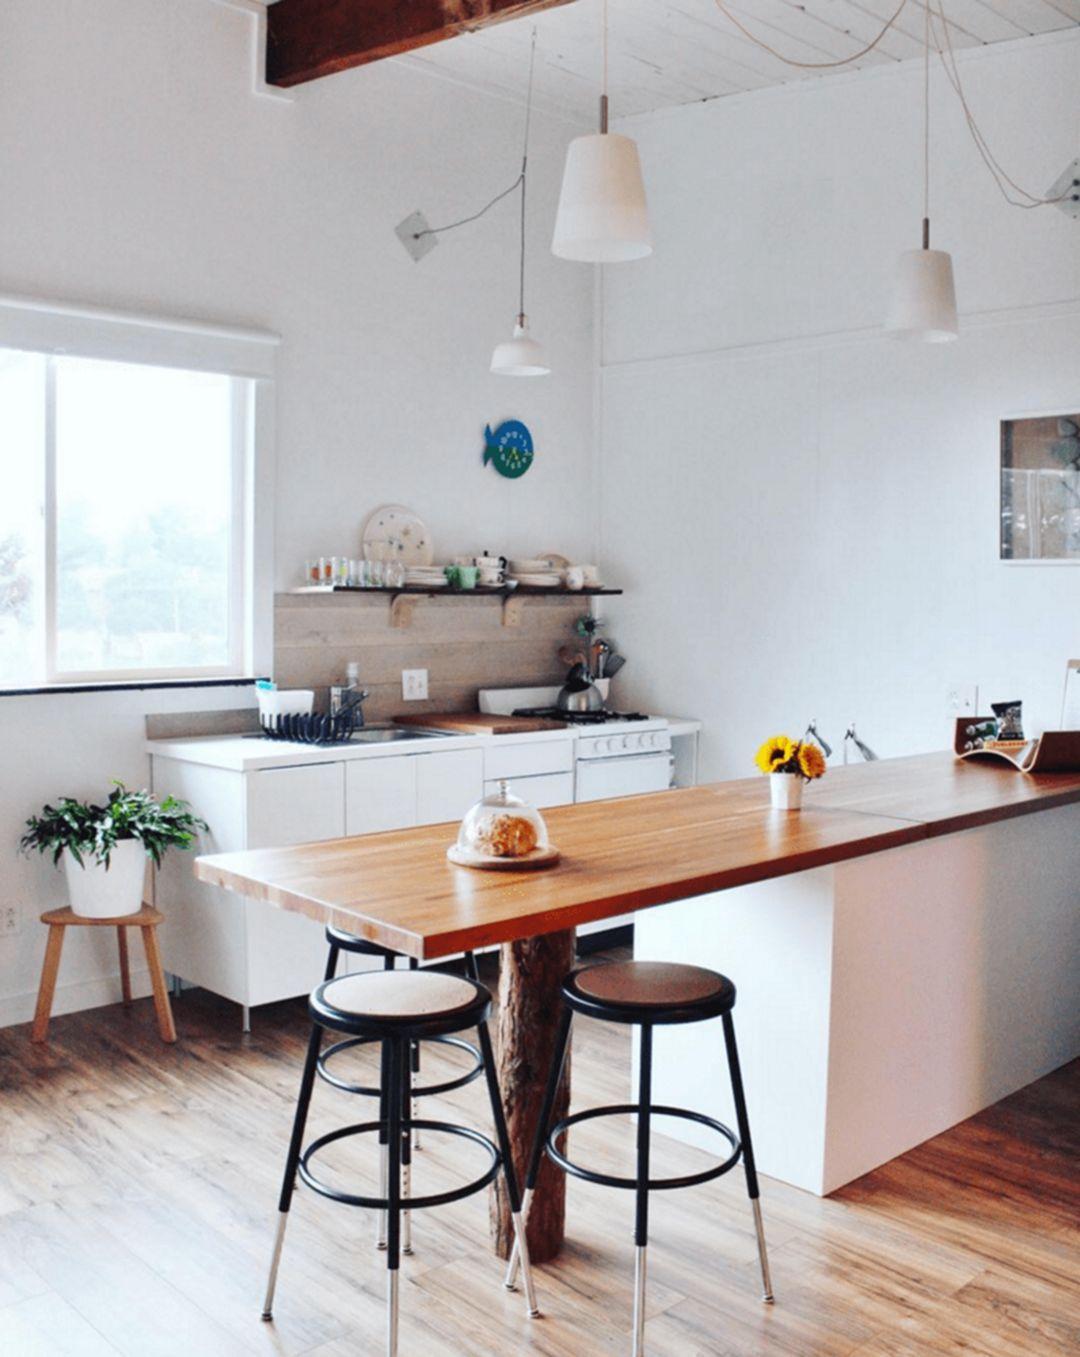 10 simple minimalist kitchen designs for narrow rooms minimalist kitchen clean kitchen design on kitchen ideas minimalist id=70799